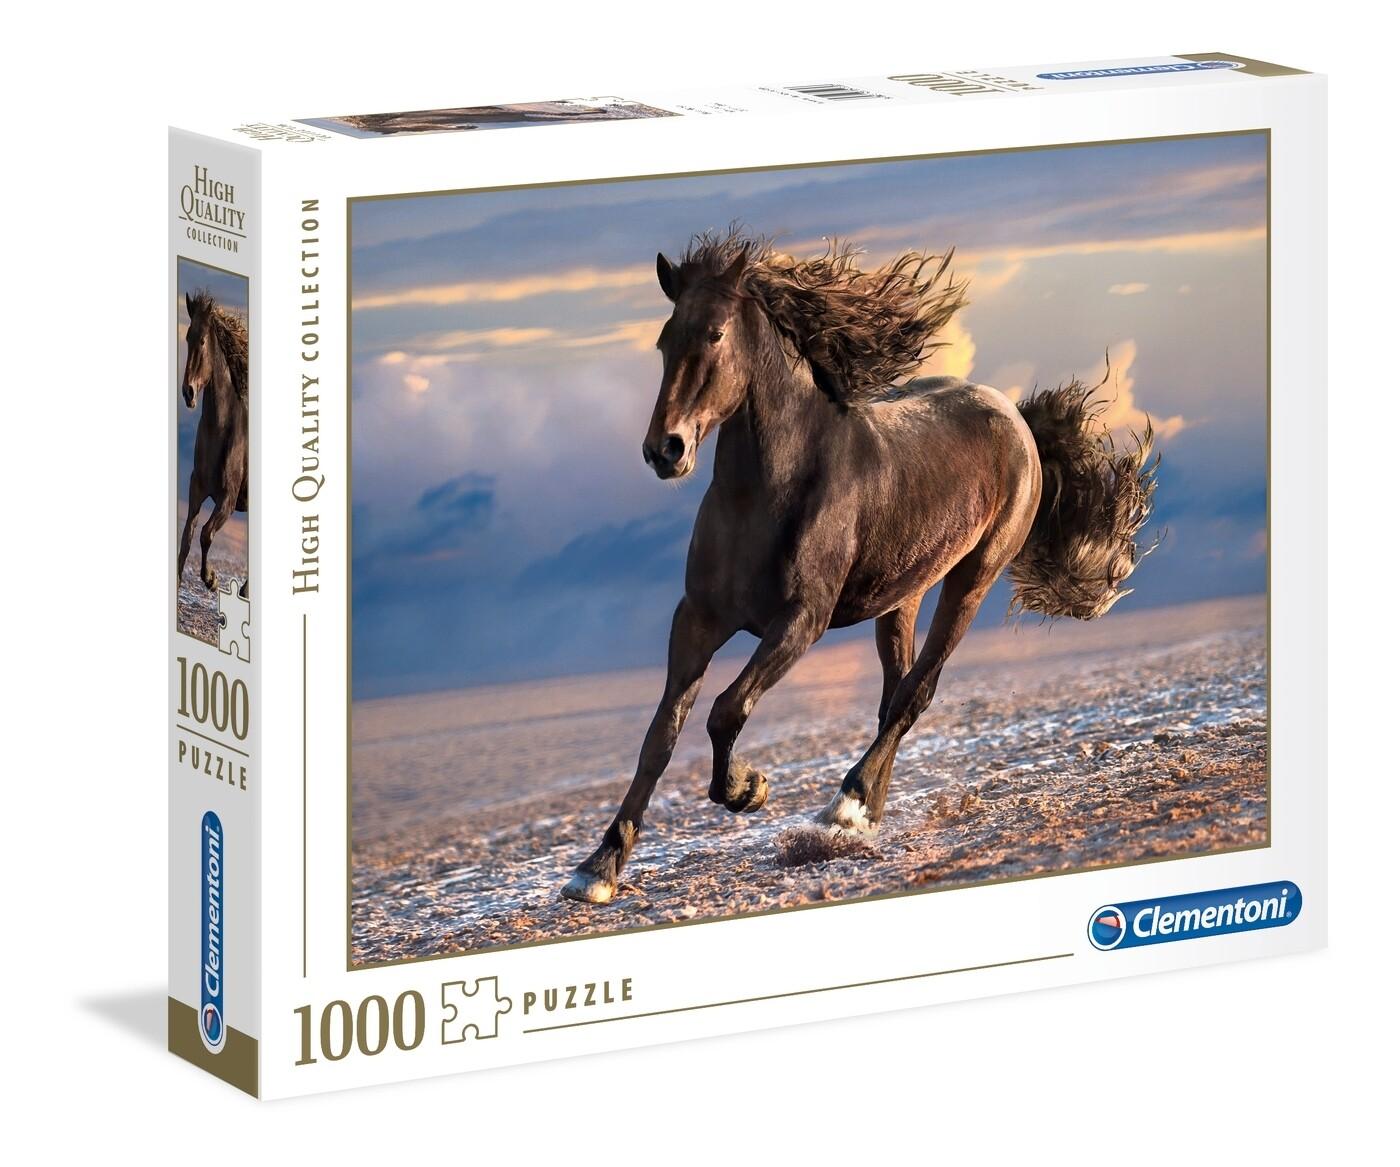 PUZZLE 1000 HQ Free Horse - CLEMENTONI